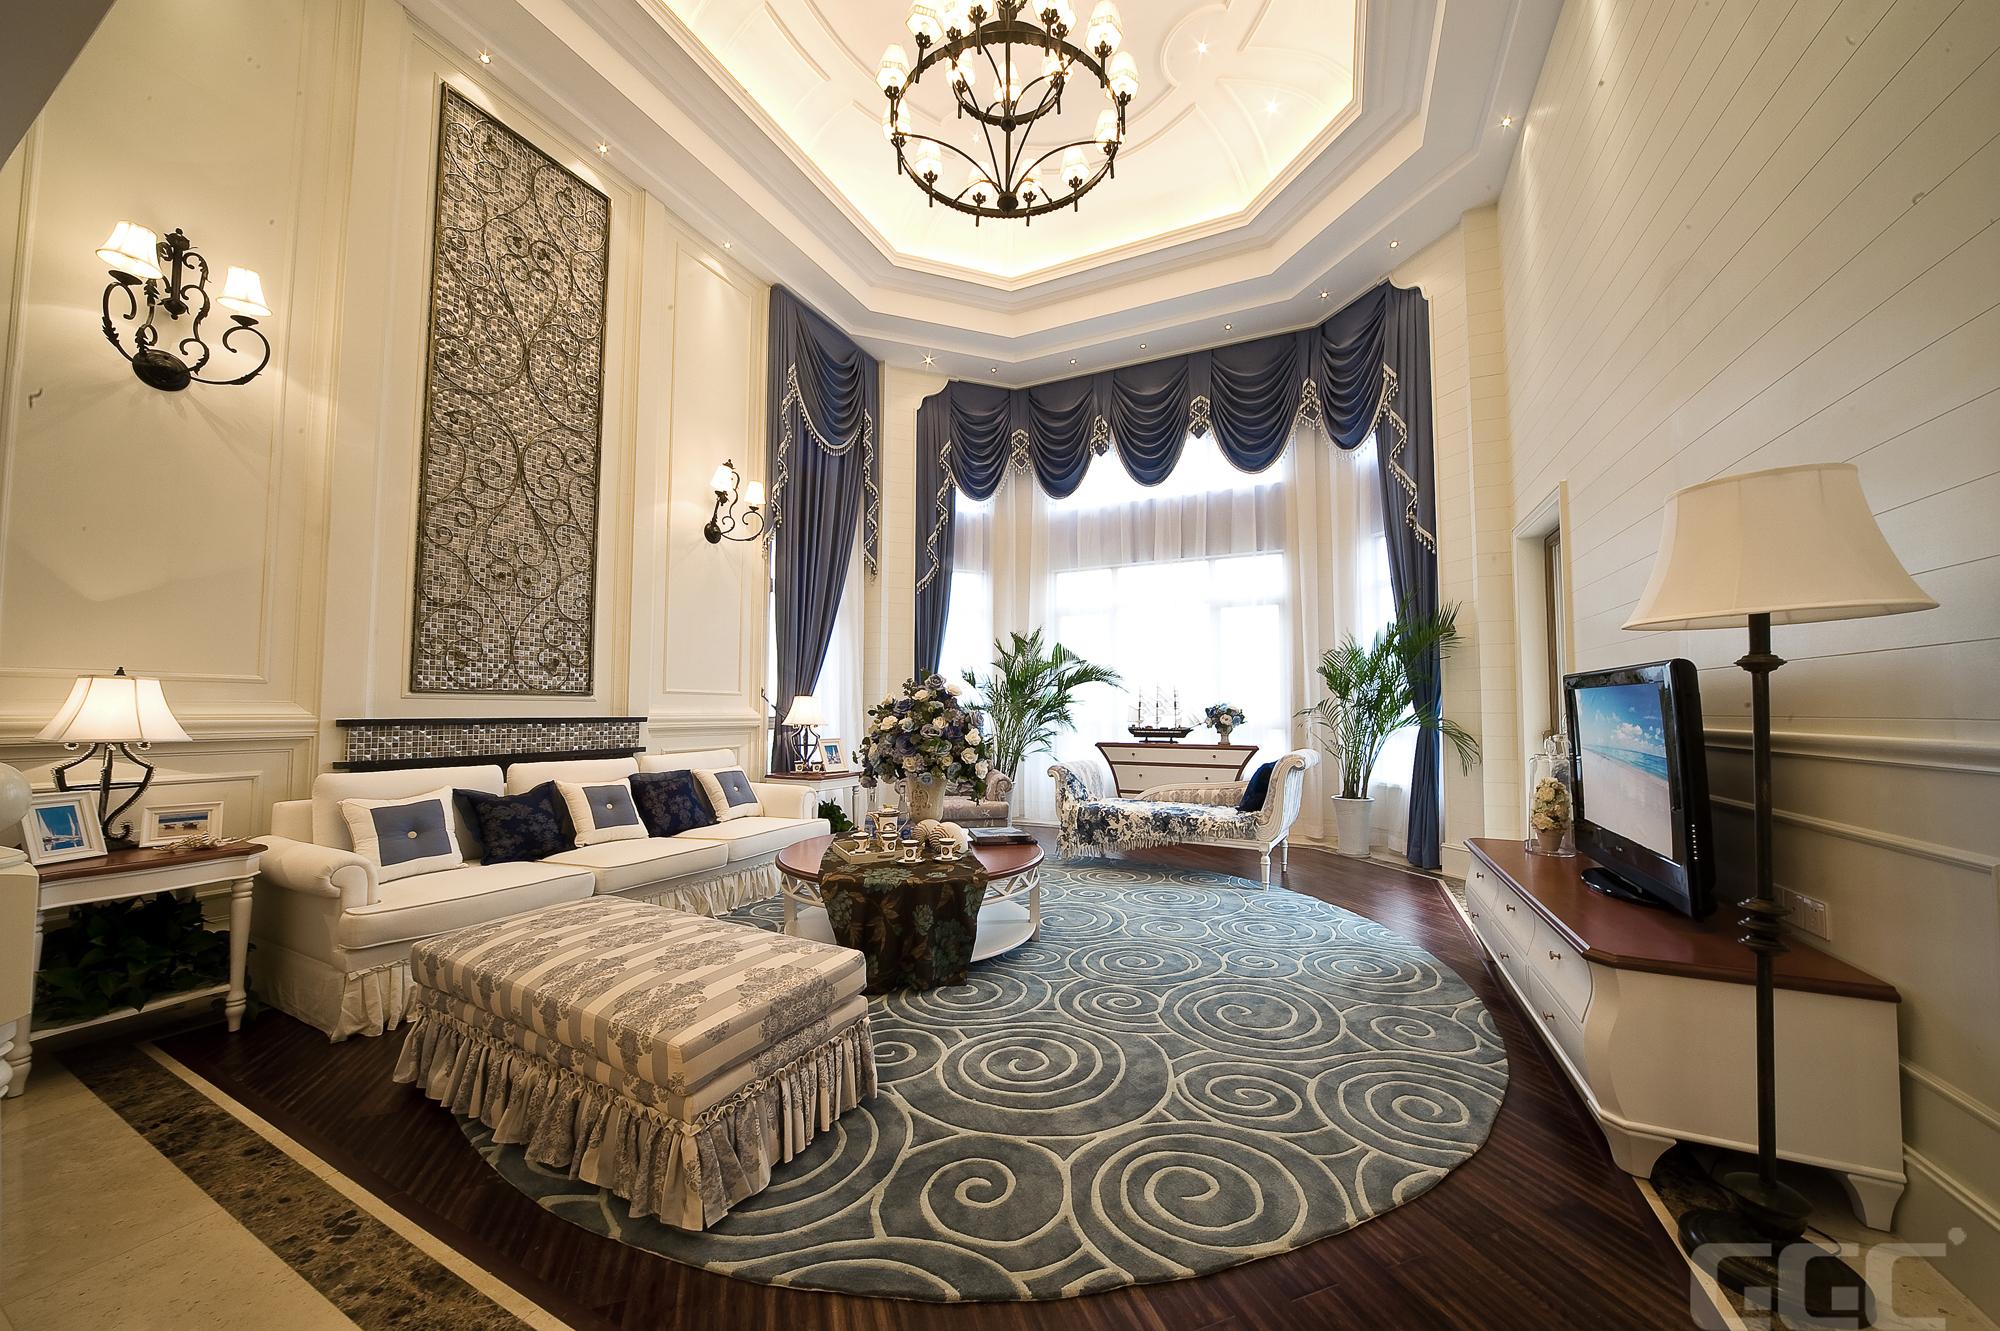 简约 欧式 混搭 田园 别墅 三居 旧房改造 小资 80后 客厅图片来自元洲装饰木子在地中海风格装修案例的分享